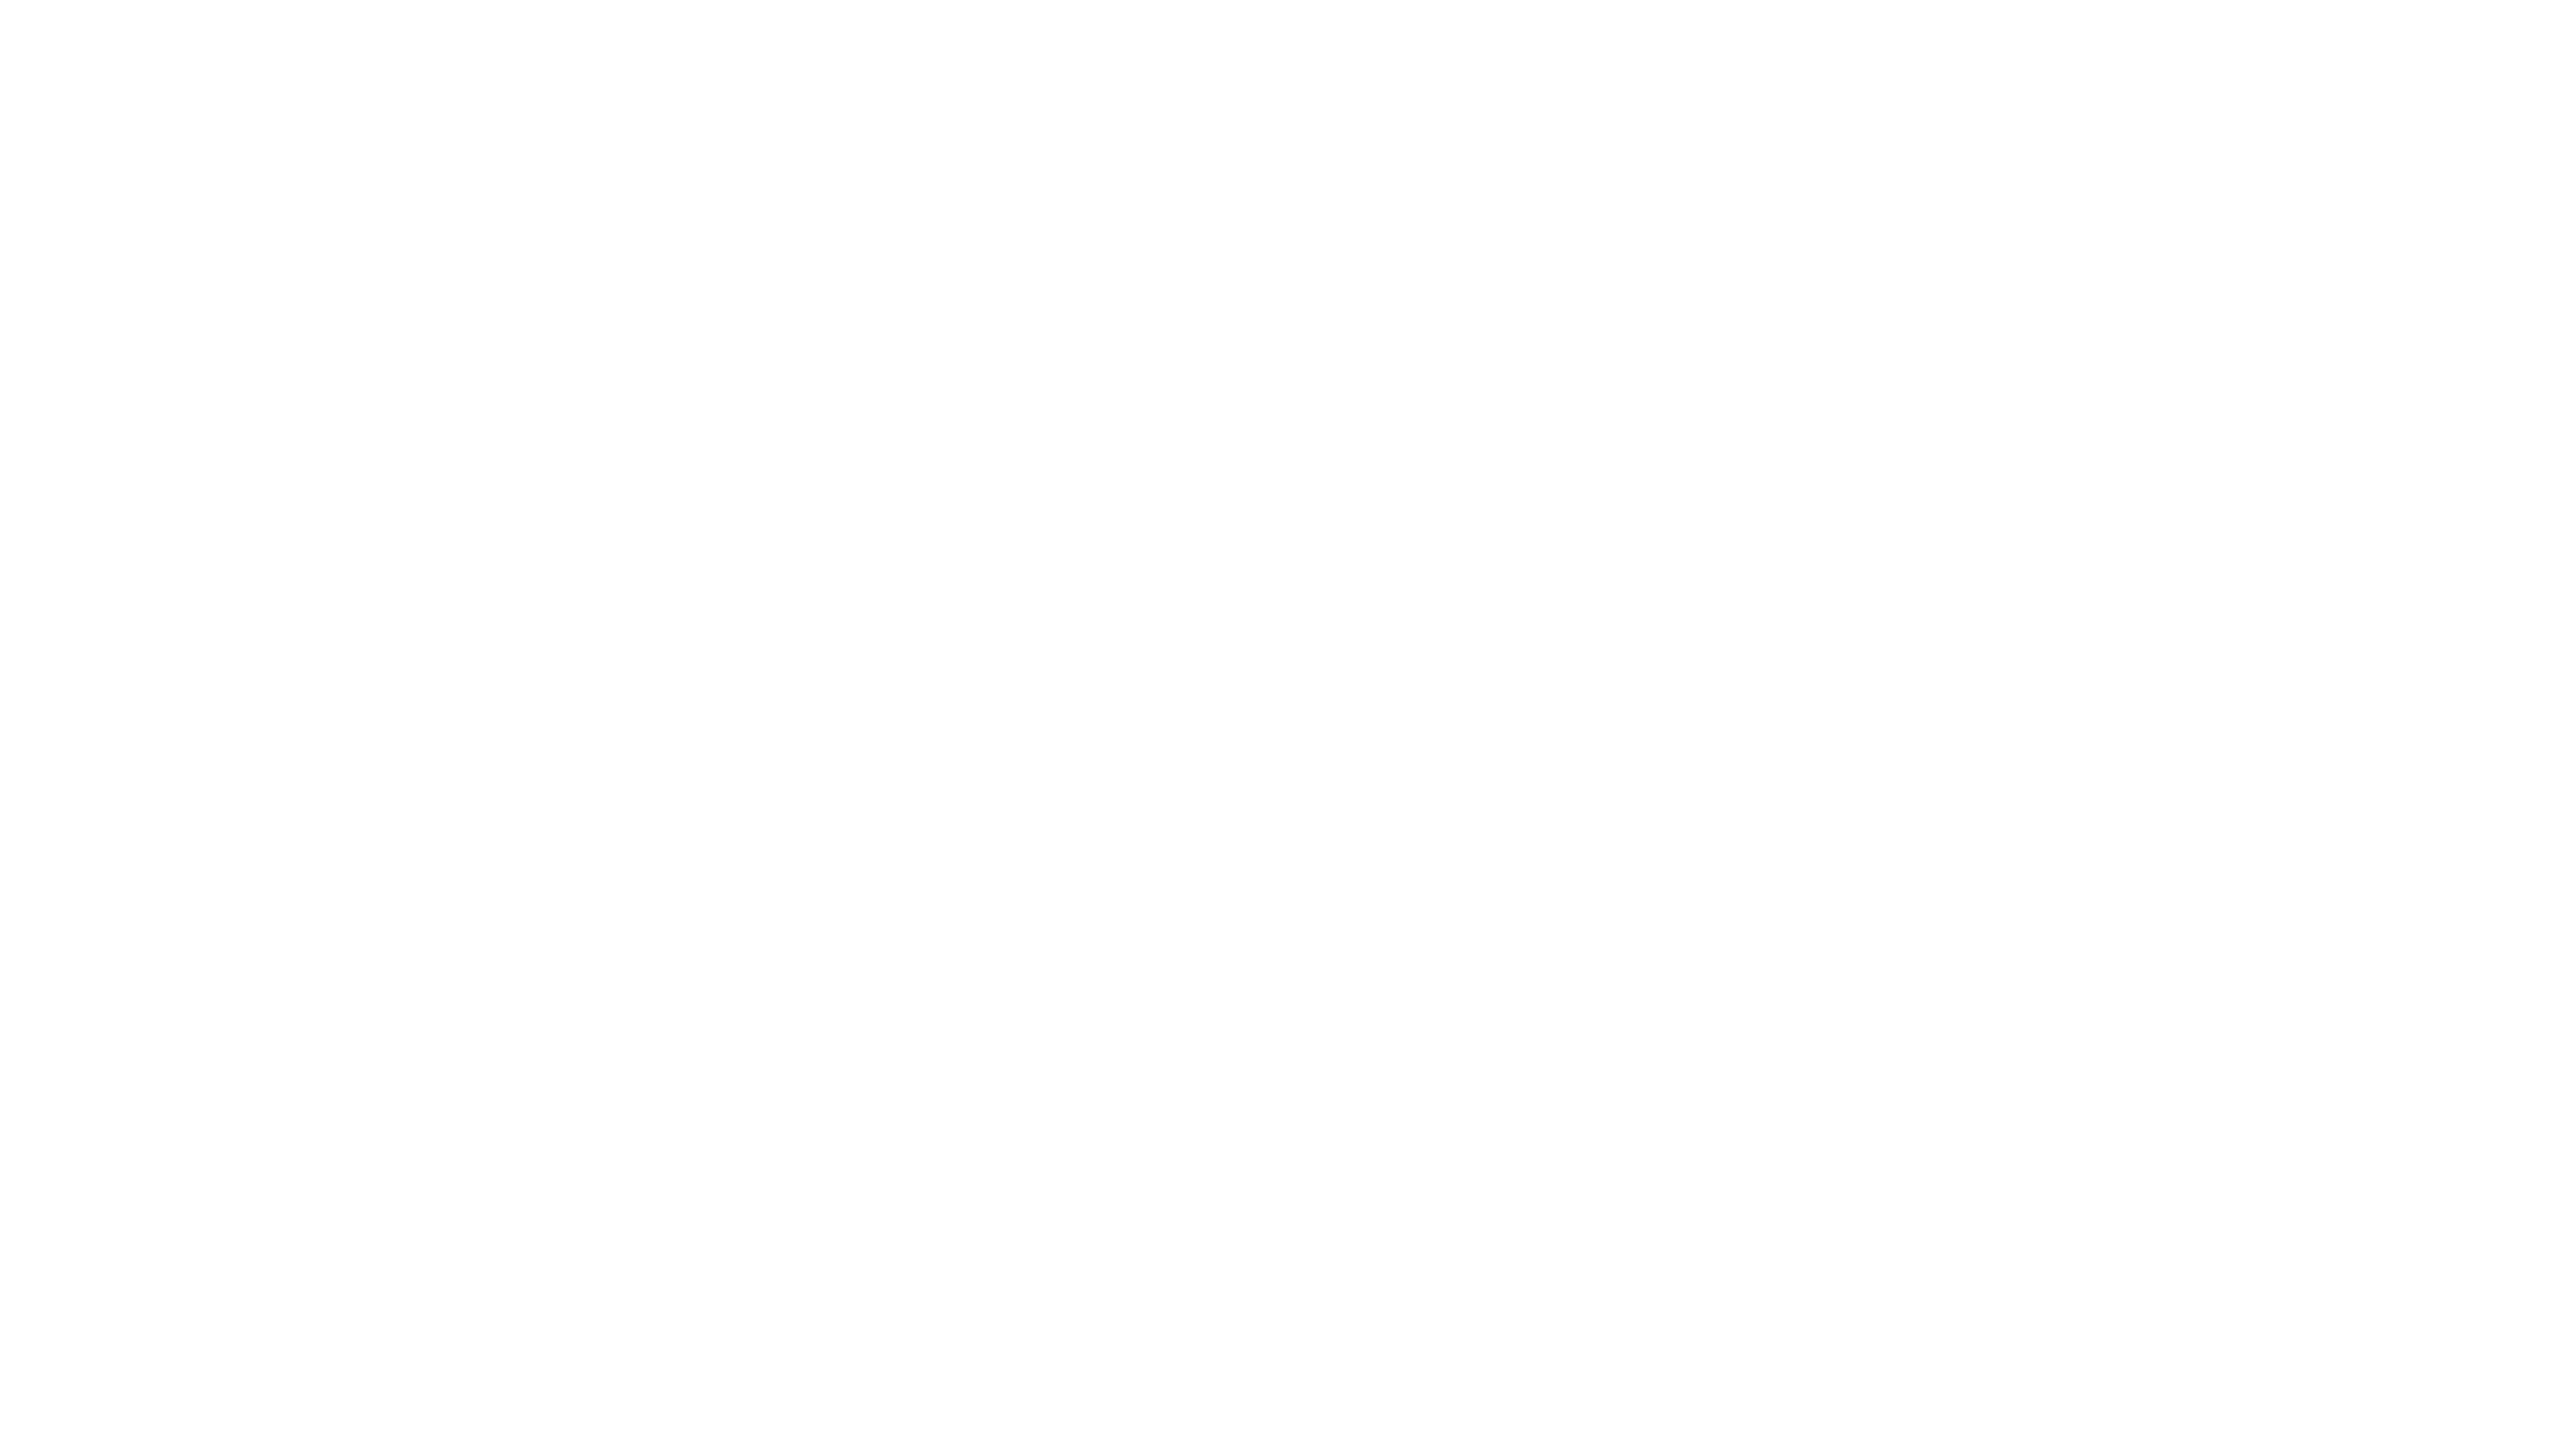 Sugar Hill Church Digital